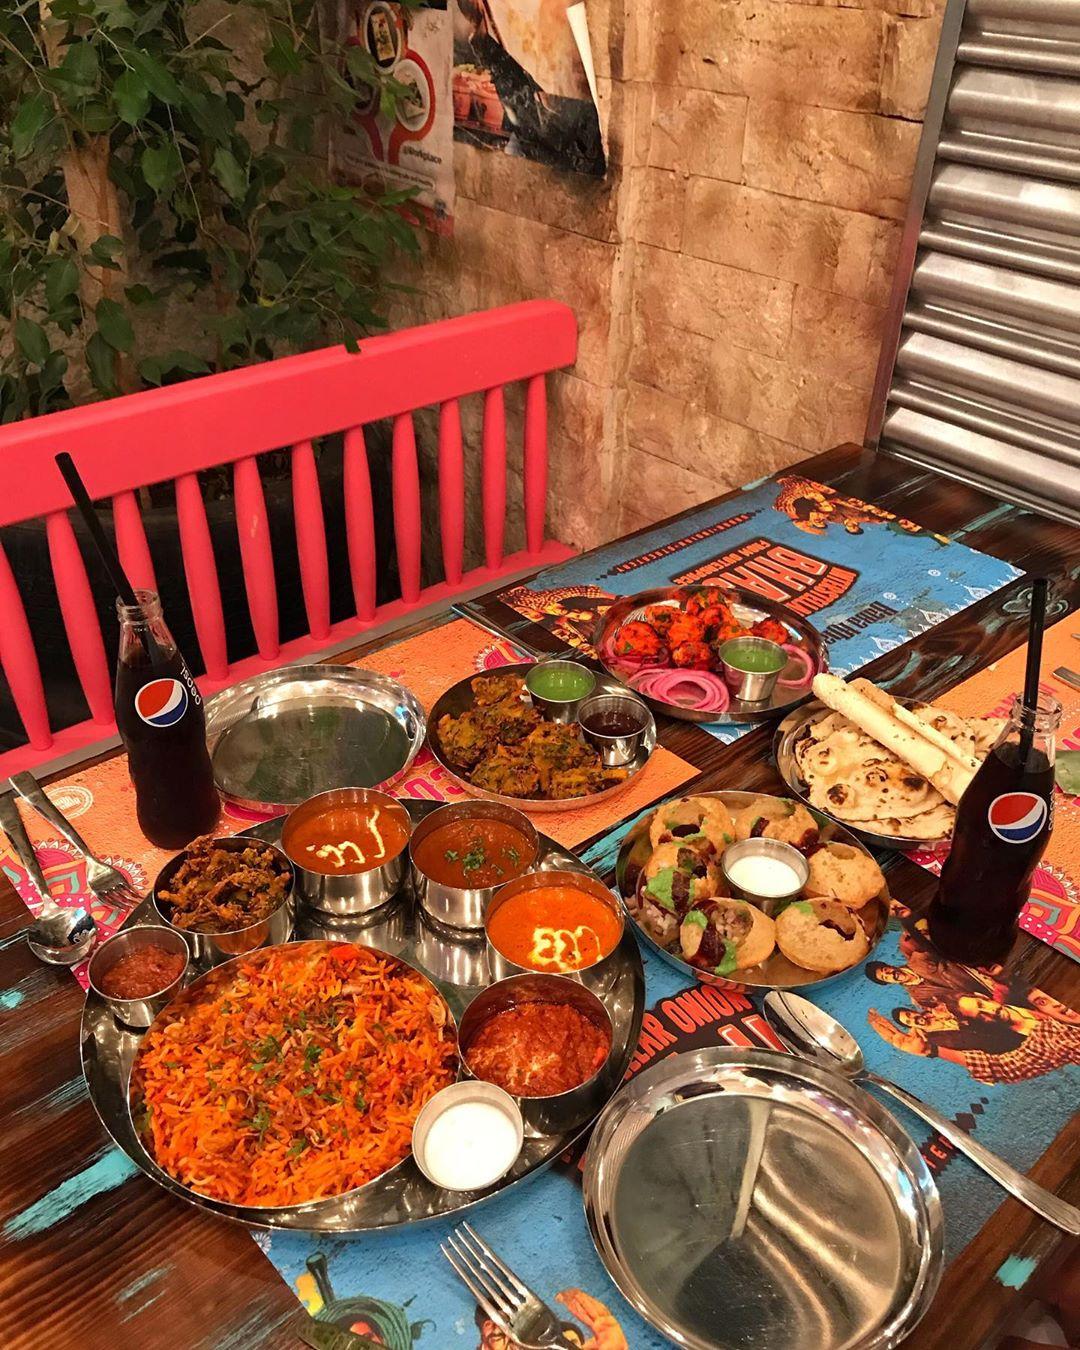 مطعم بابا خان الهندي في جدة السعر المنيو العنوان كافيهات جده افضل مقاهي جده